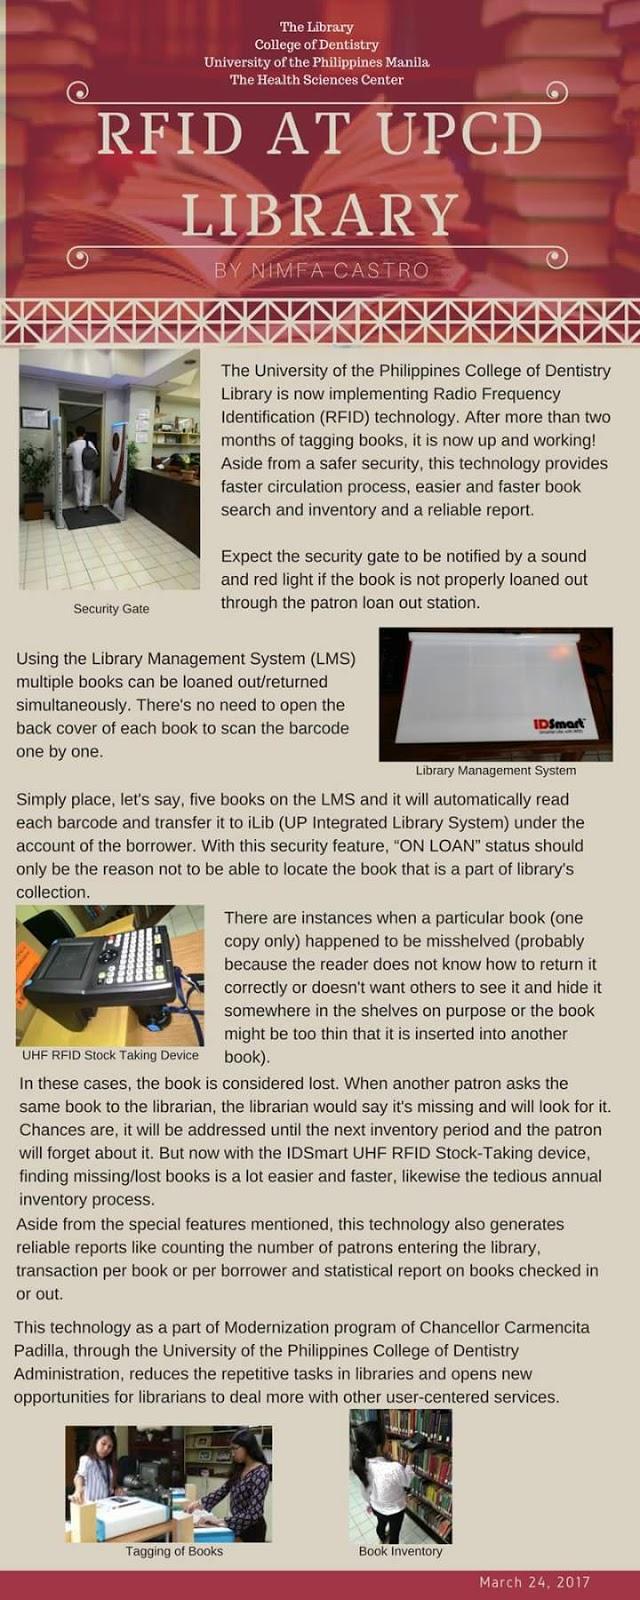 RFID at the UPCD LIBRARY